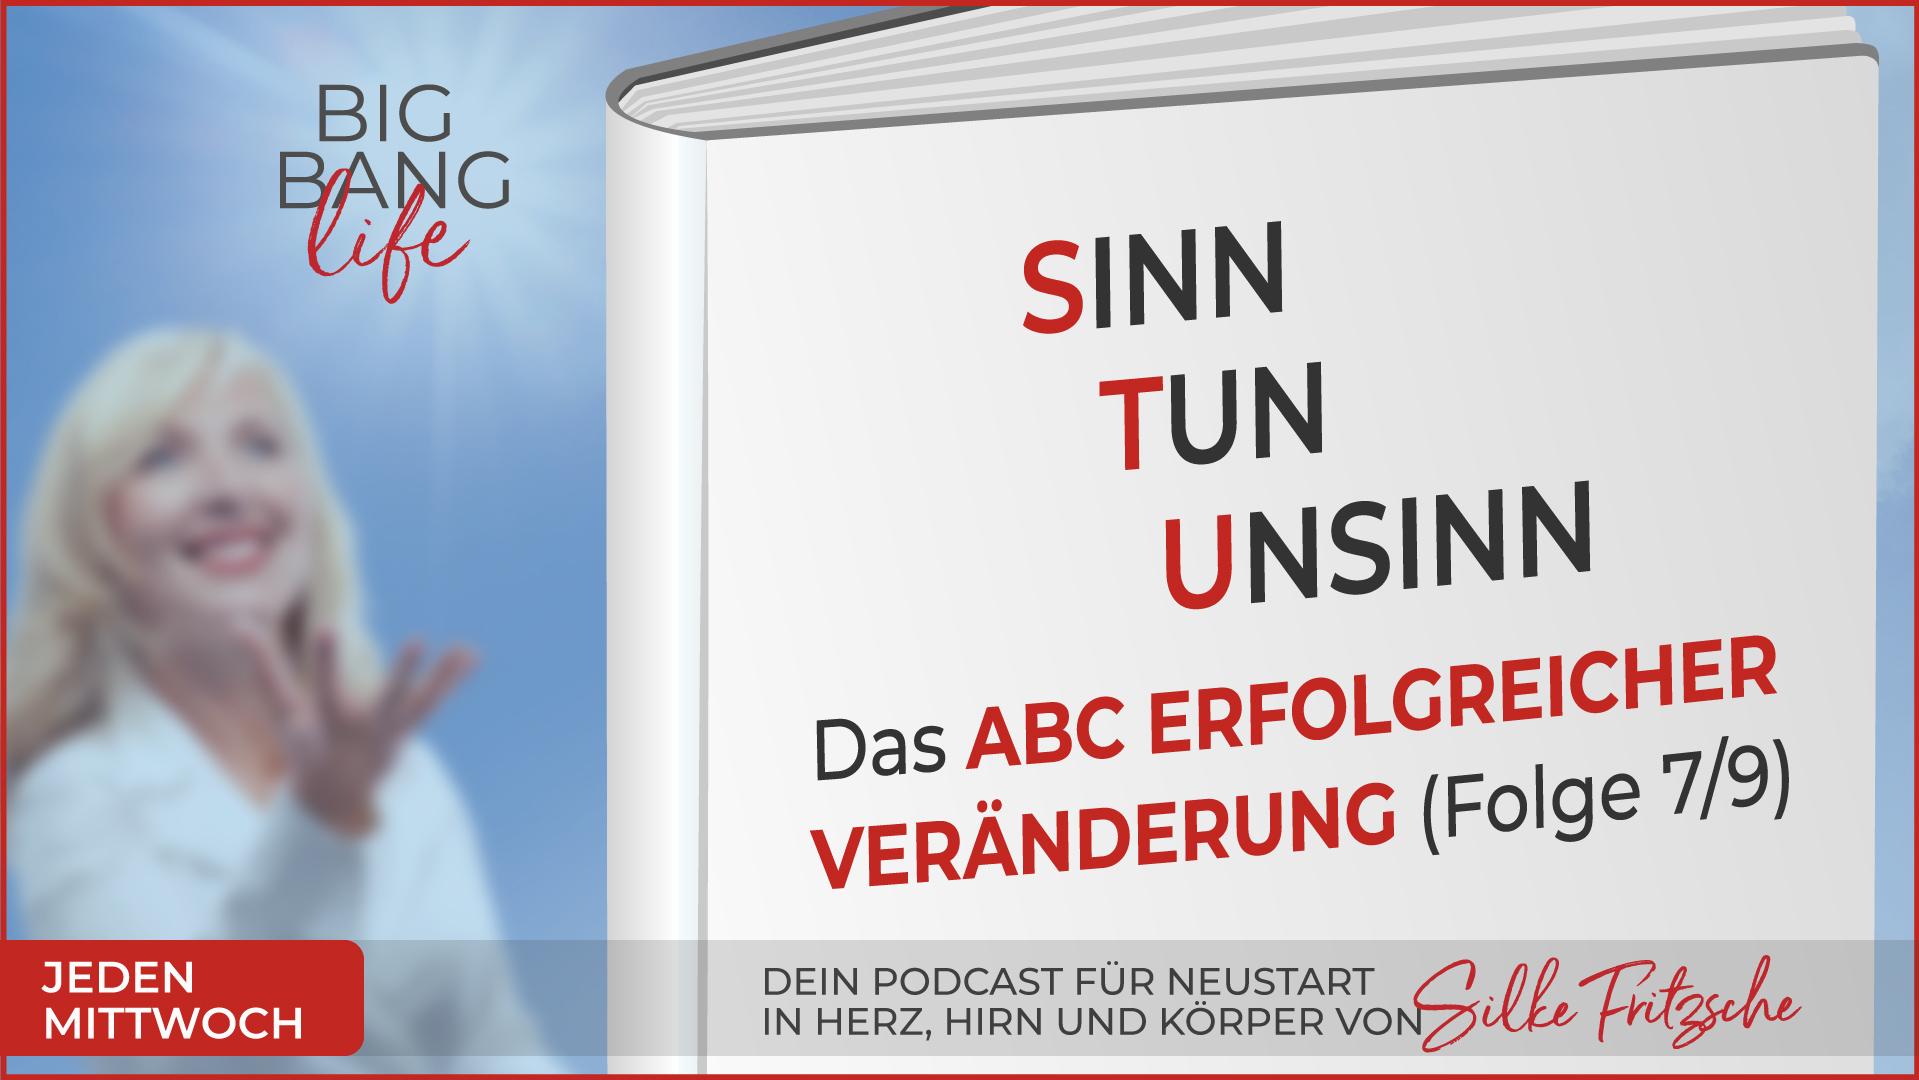 Der Big Bang life Podcast mit Silke Fritzsche - Sinn, Tun, Unsinn